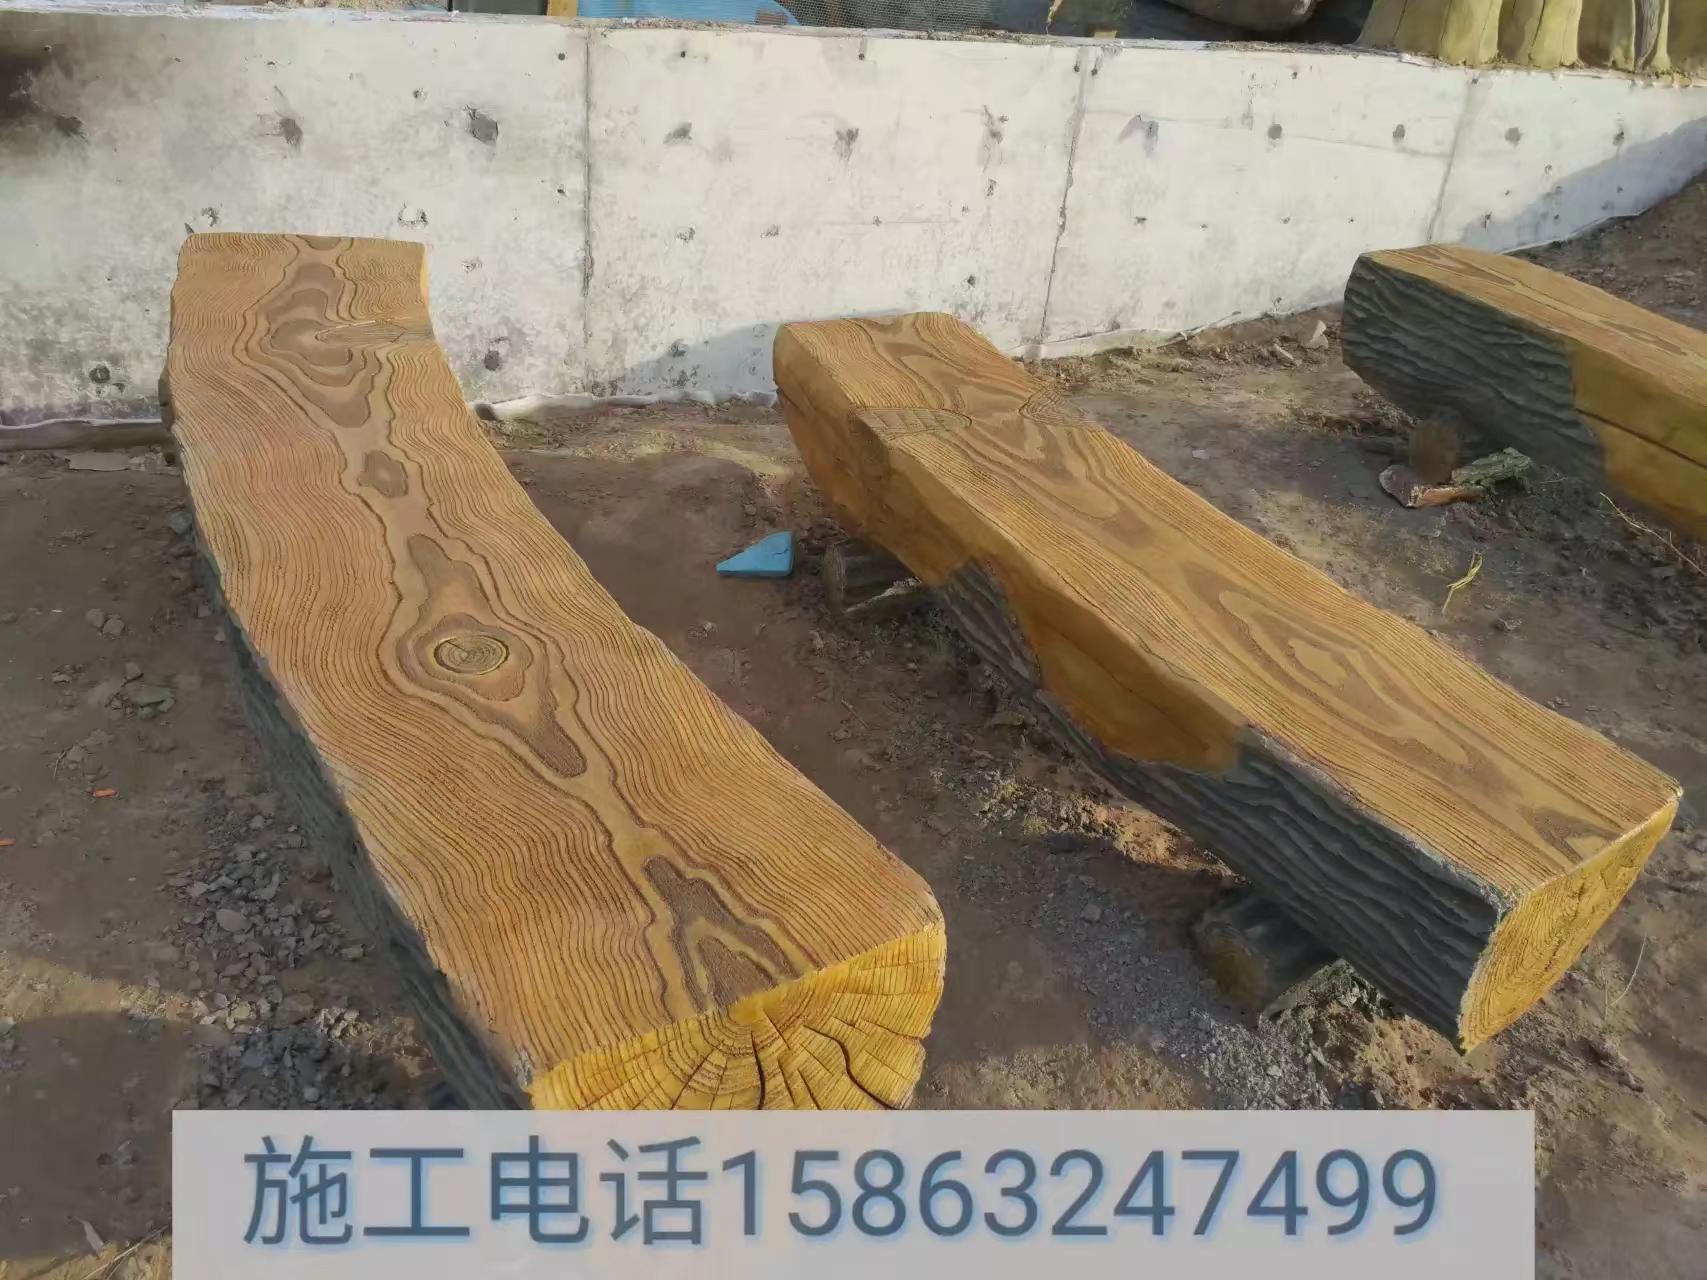 供应拟木房子 拟木栏杆